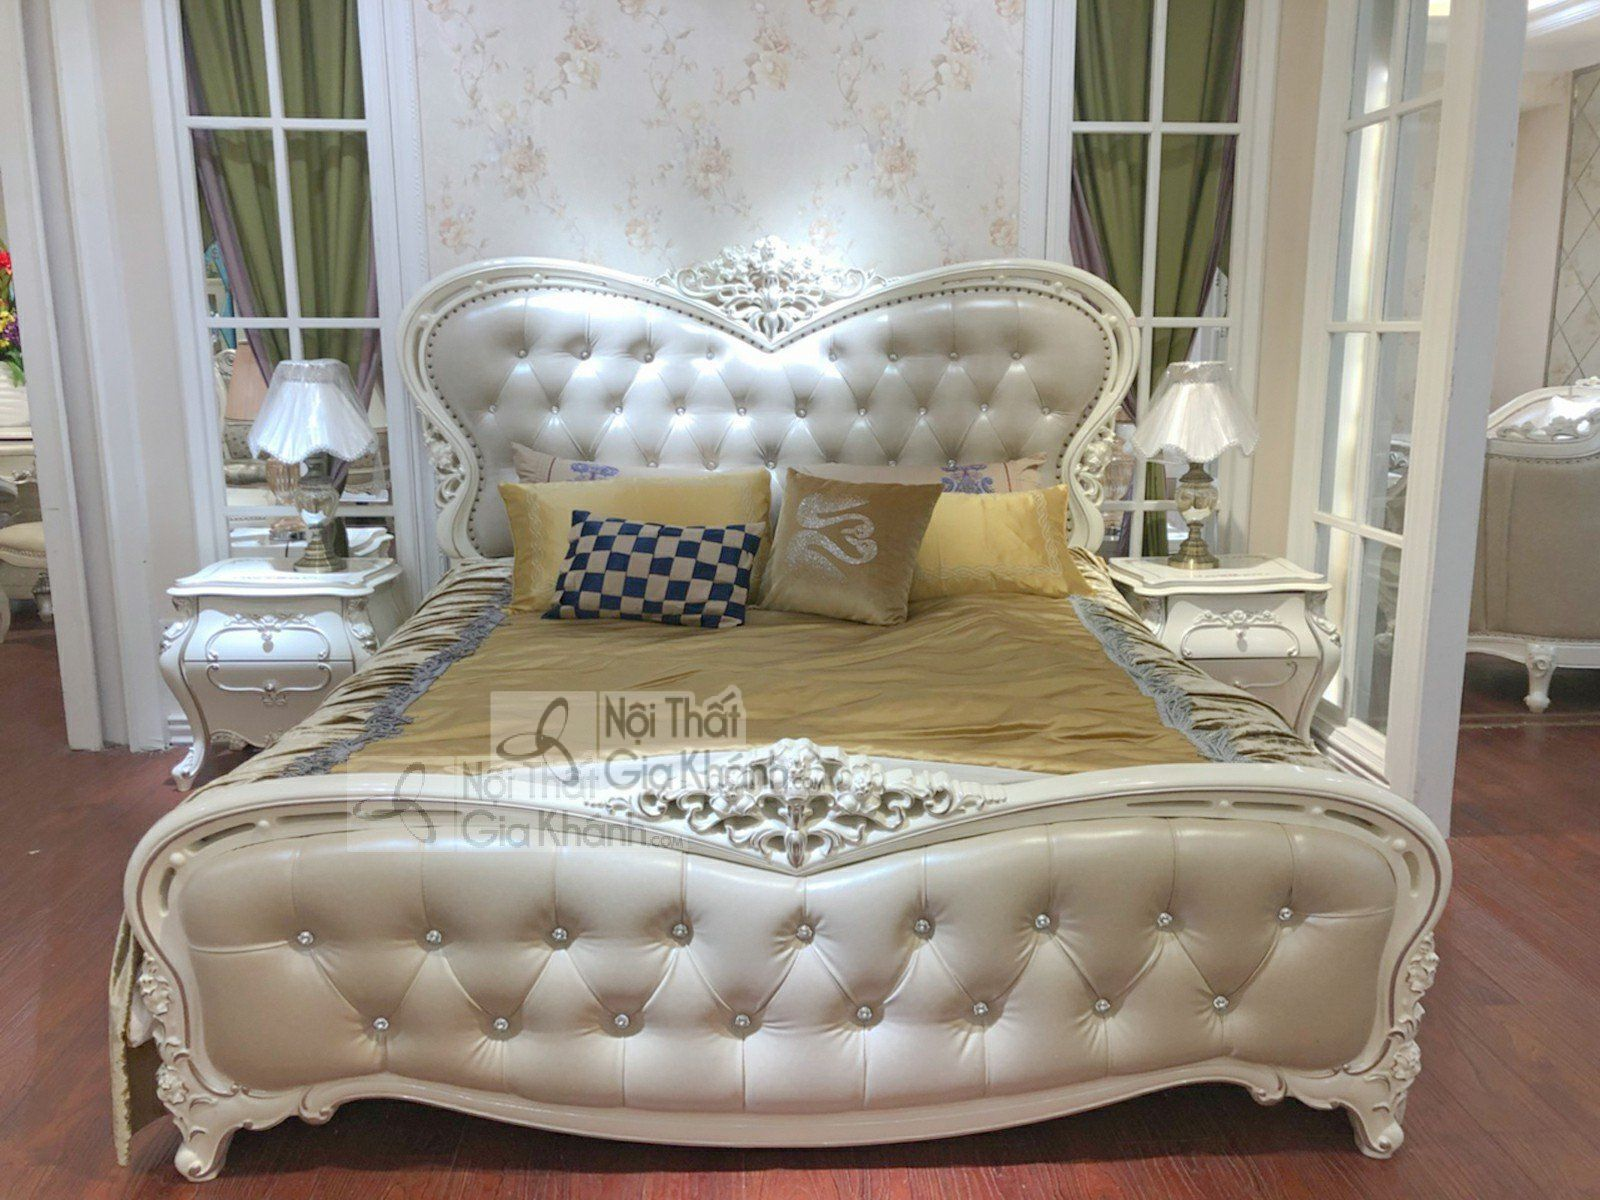 Giường ngủ người lớn gỗ tân cổ điển nhập khẩu H8836AL